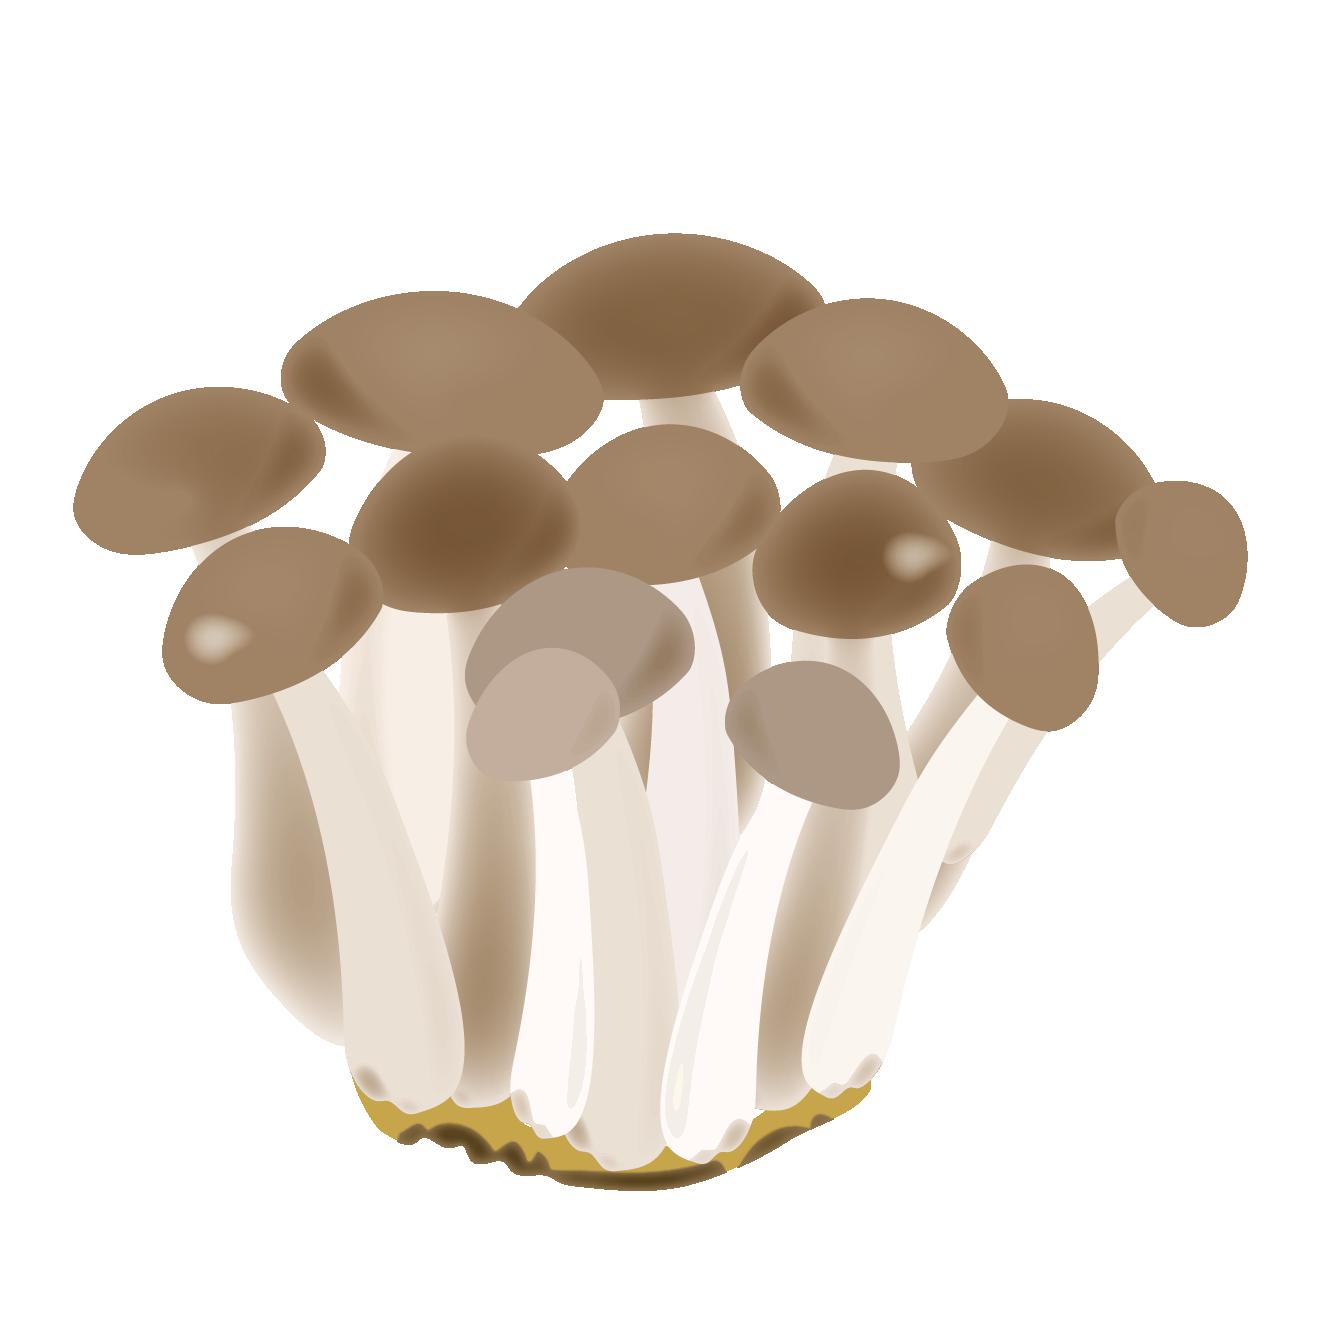 しめじきのこ菌類のイラスト 商用フリー無料のイラスト素材